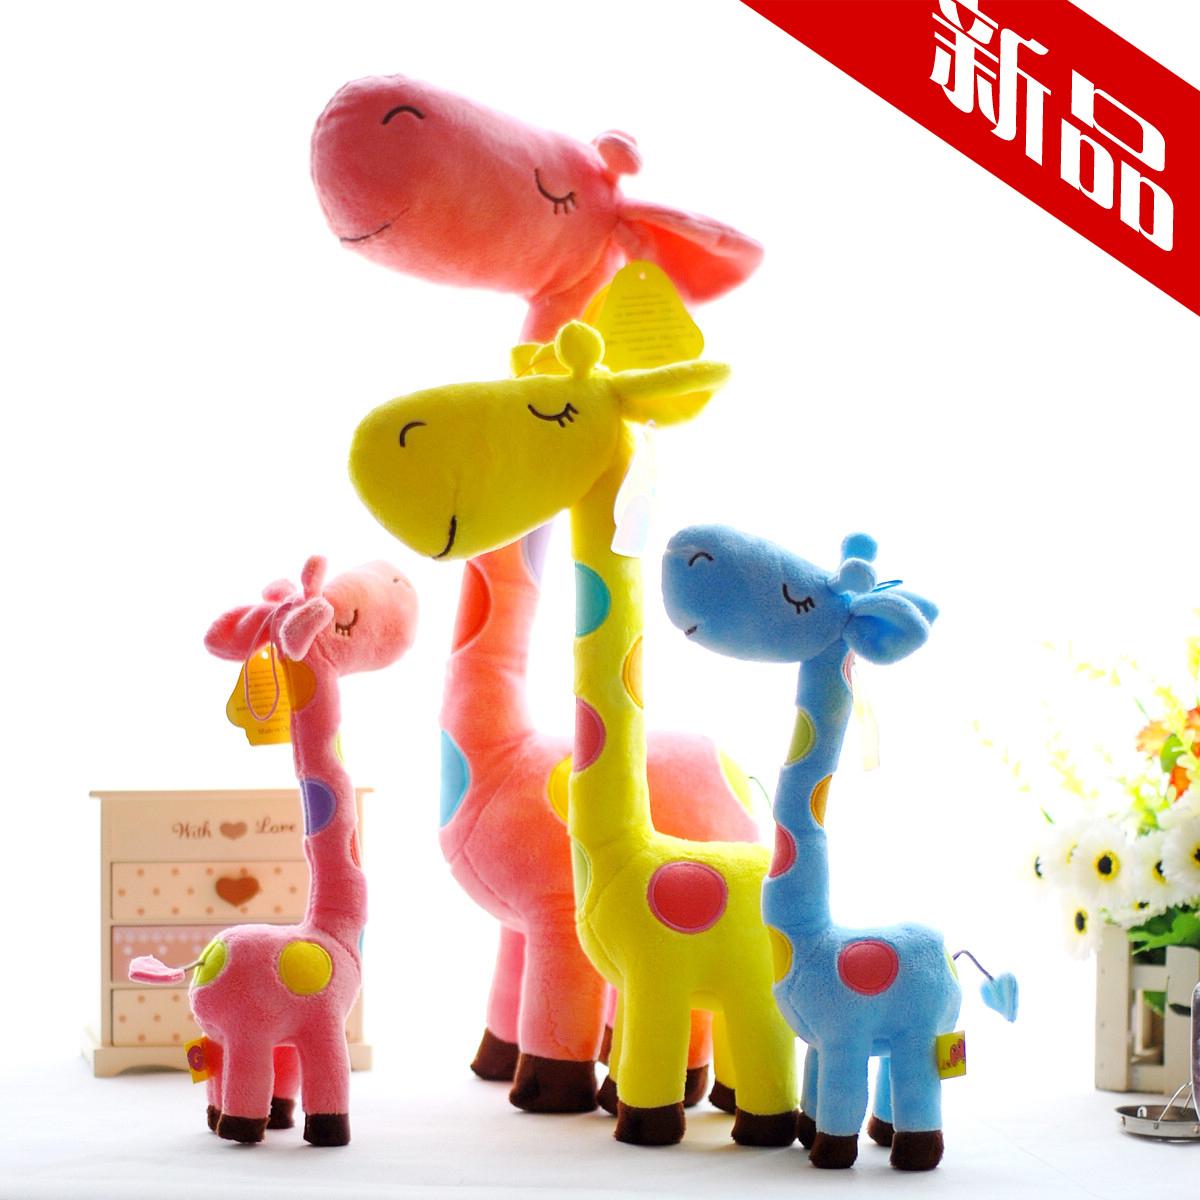 Мягкая игрушка Жираф раскраски оленей свадьба день рождения плюшевые игрушки куклы куклы куклы творческие Валентина подарки